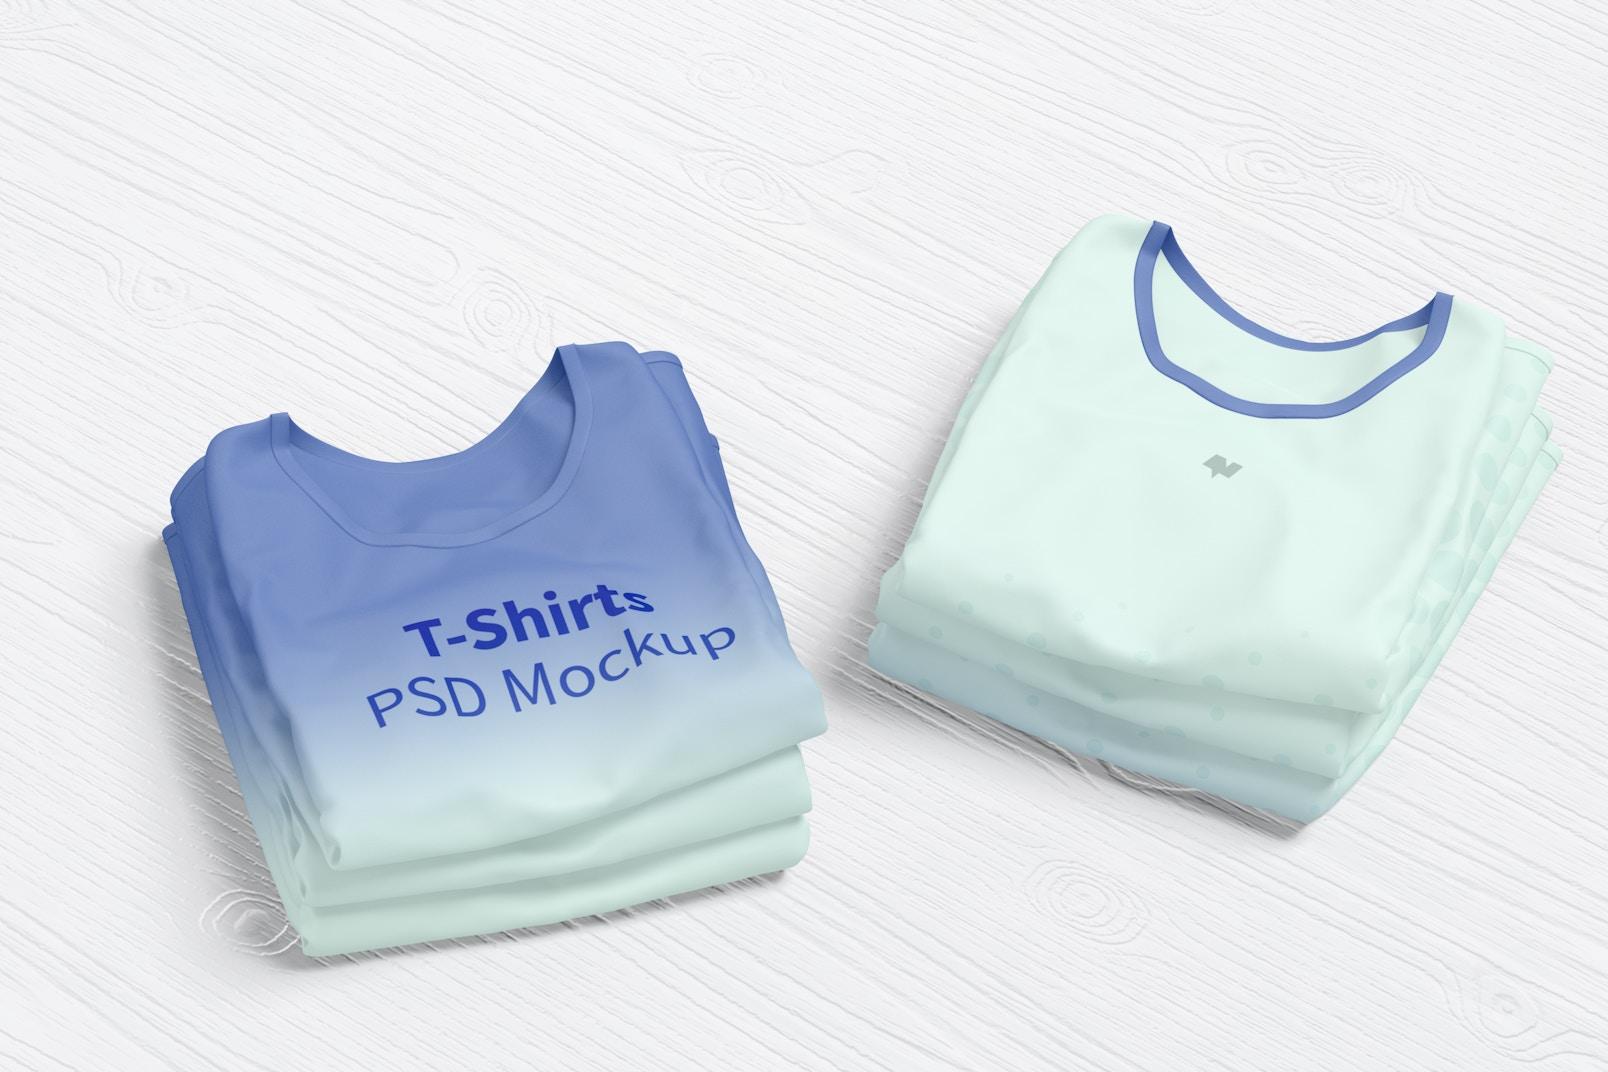 T-Shirts Mockup, Stacked